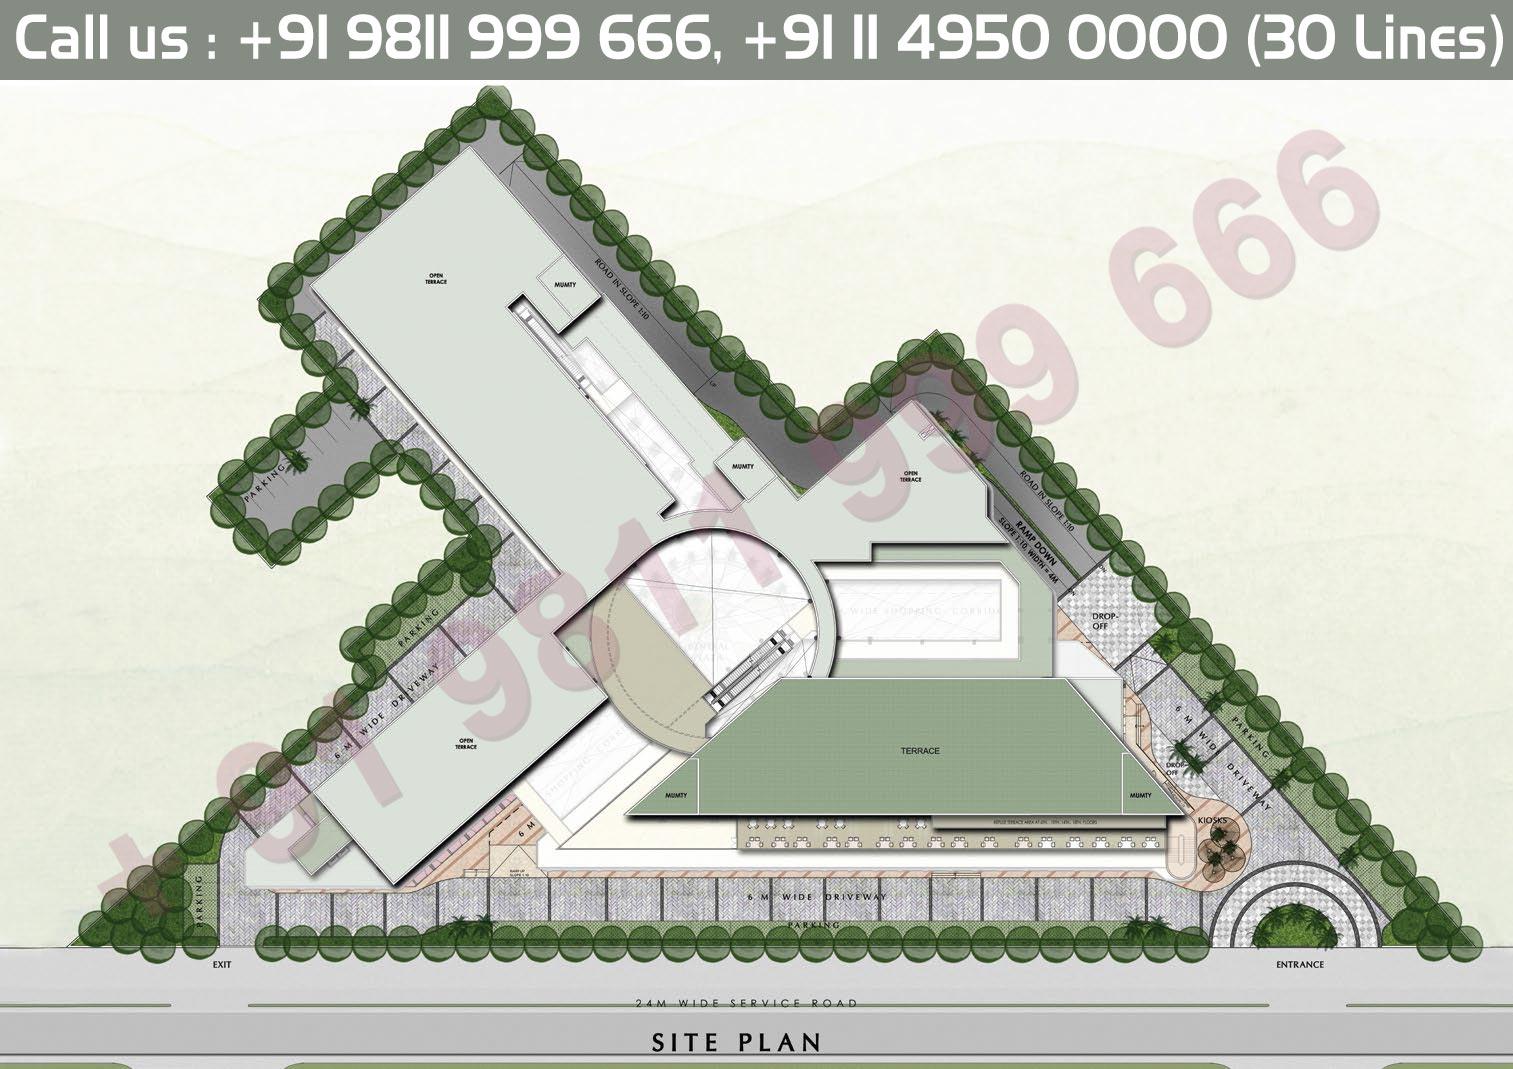 Site Plan - 83 Metro Street Gurgaon Dwarka Expressway